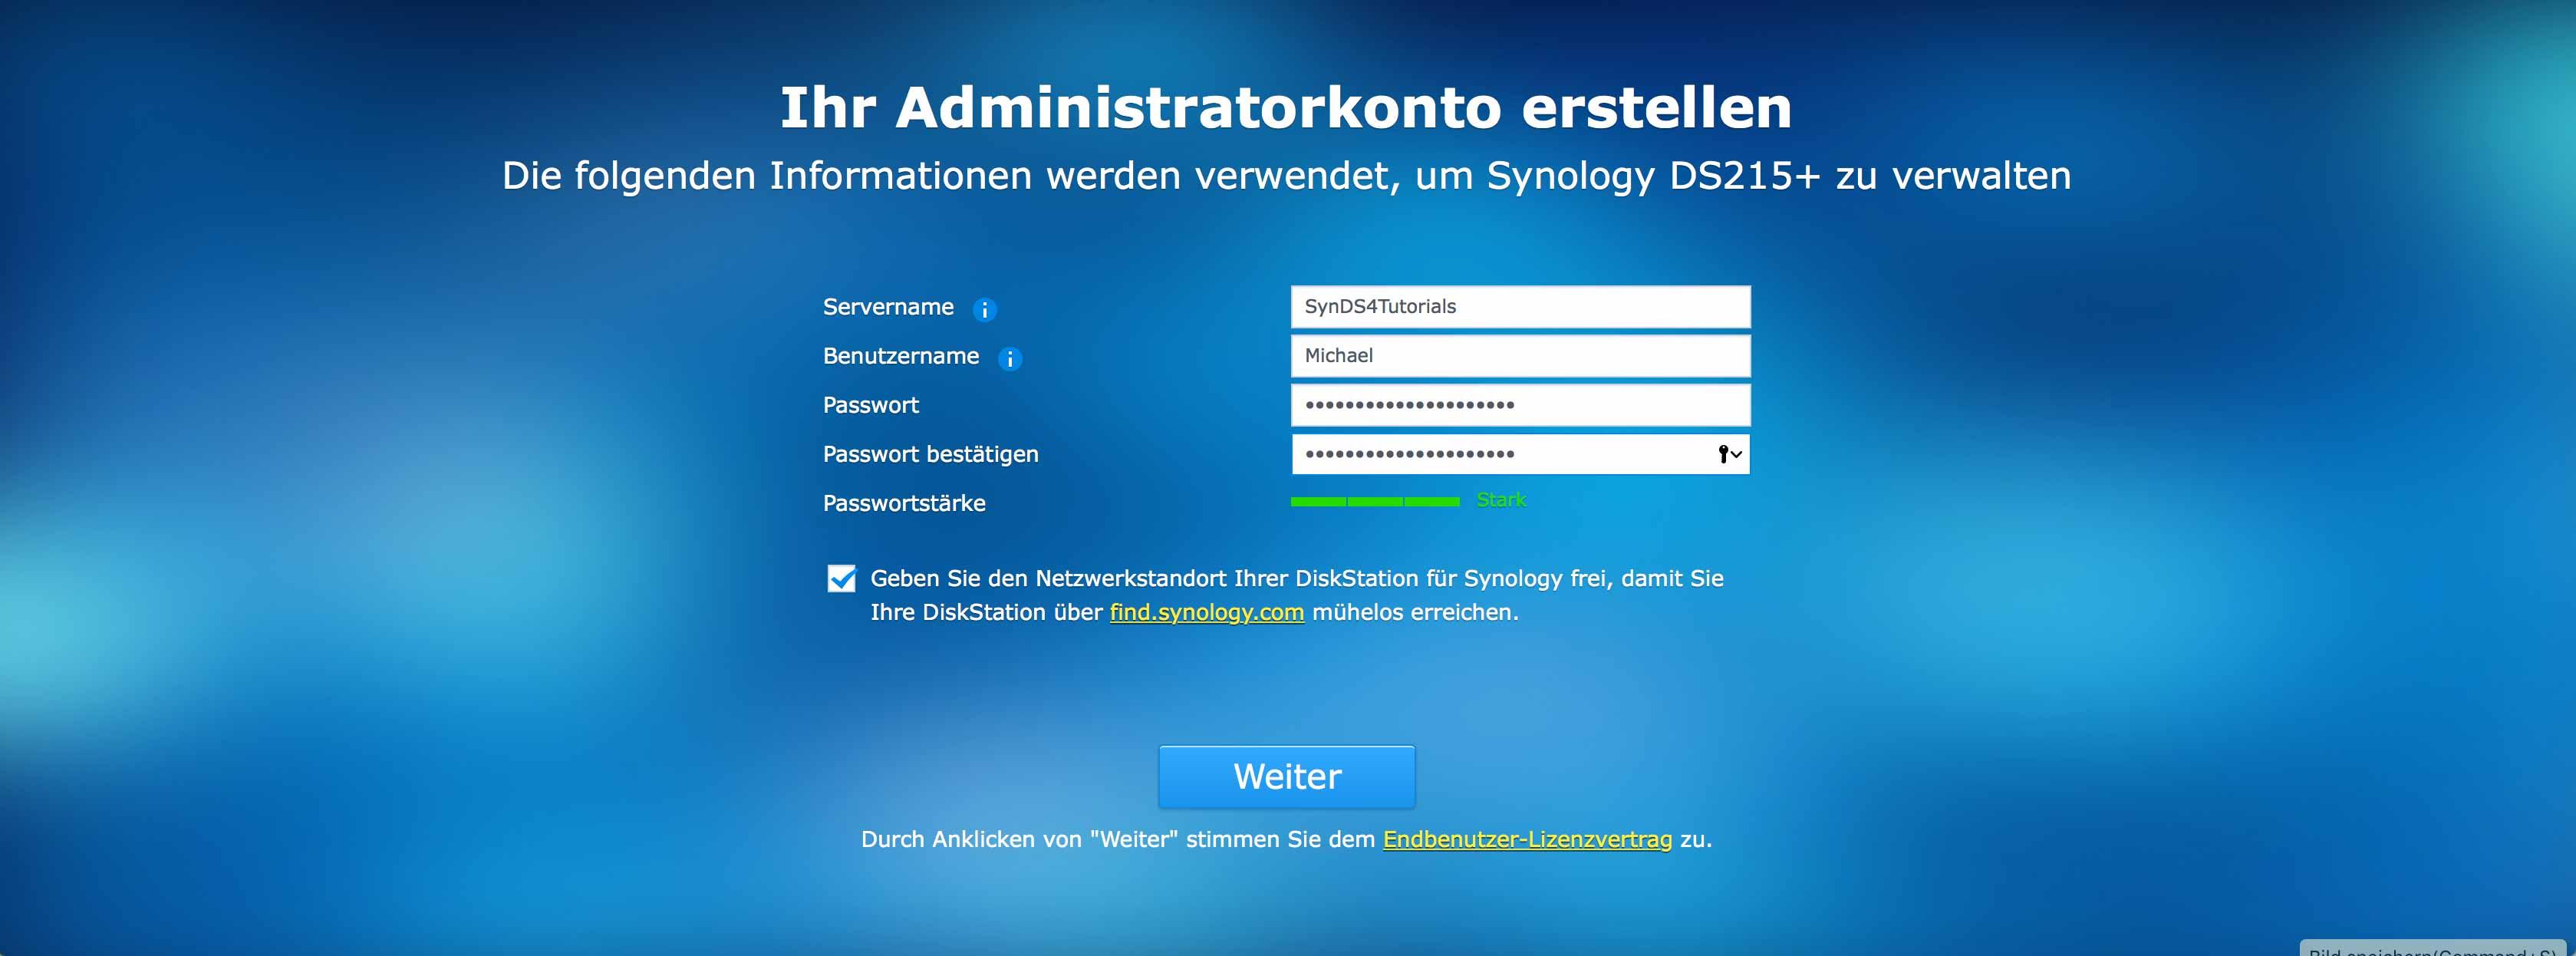 synology_sicherheitsberater_00